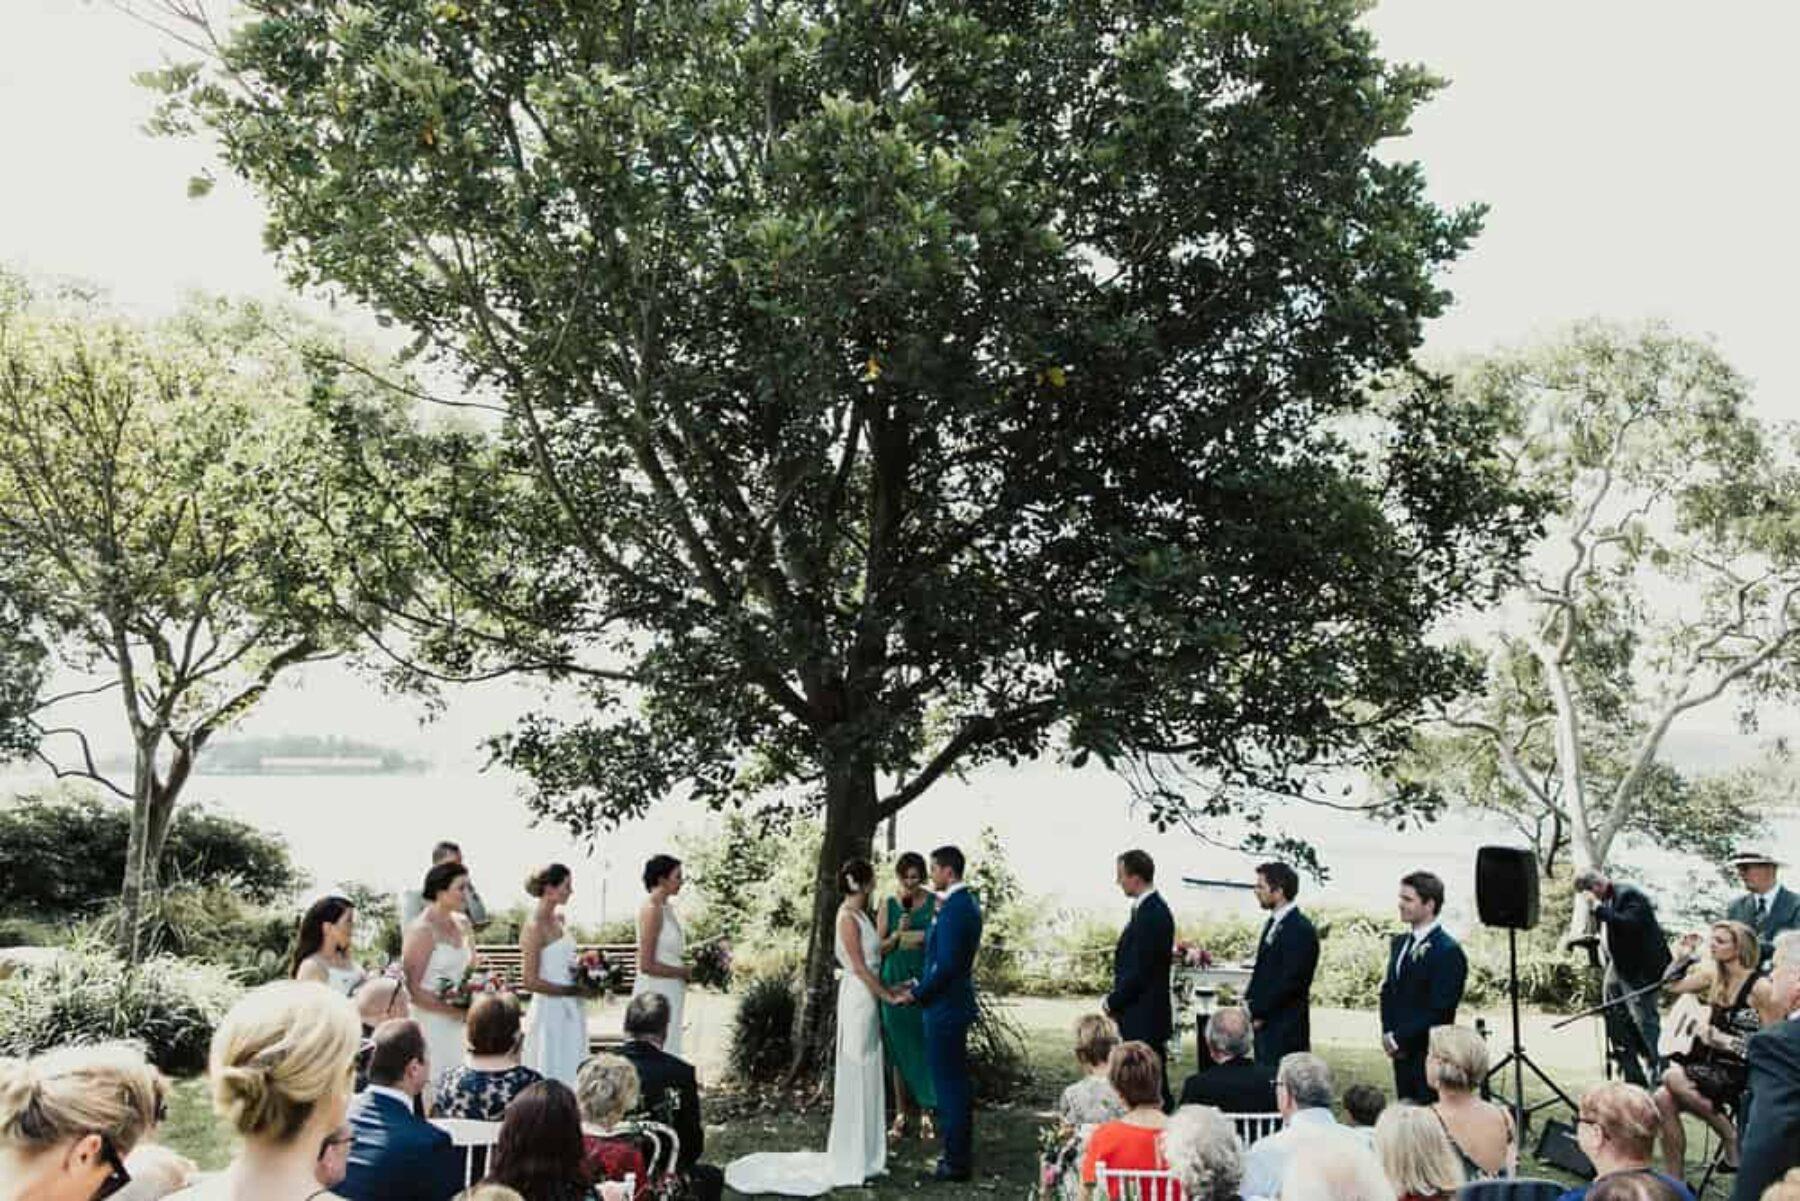 Balmoral garden wedding at McKell Park Sydney